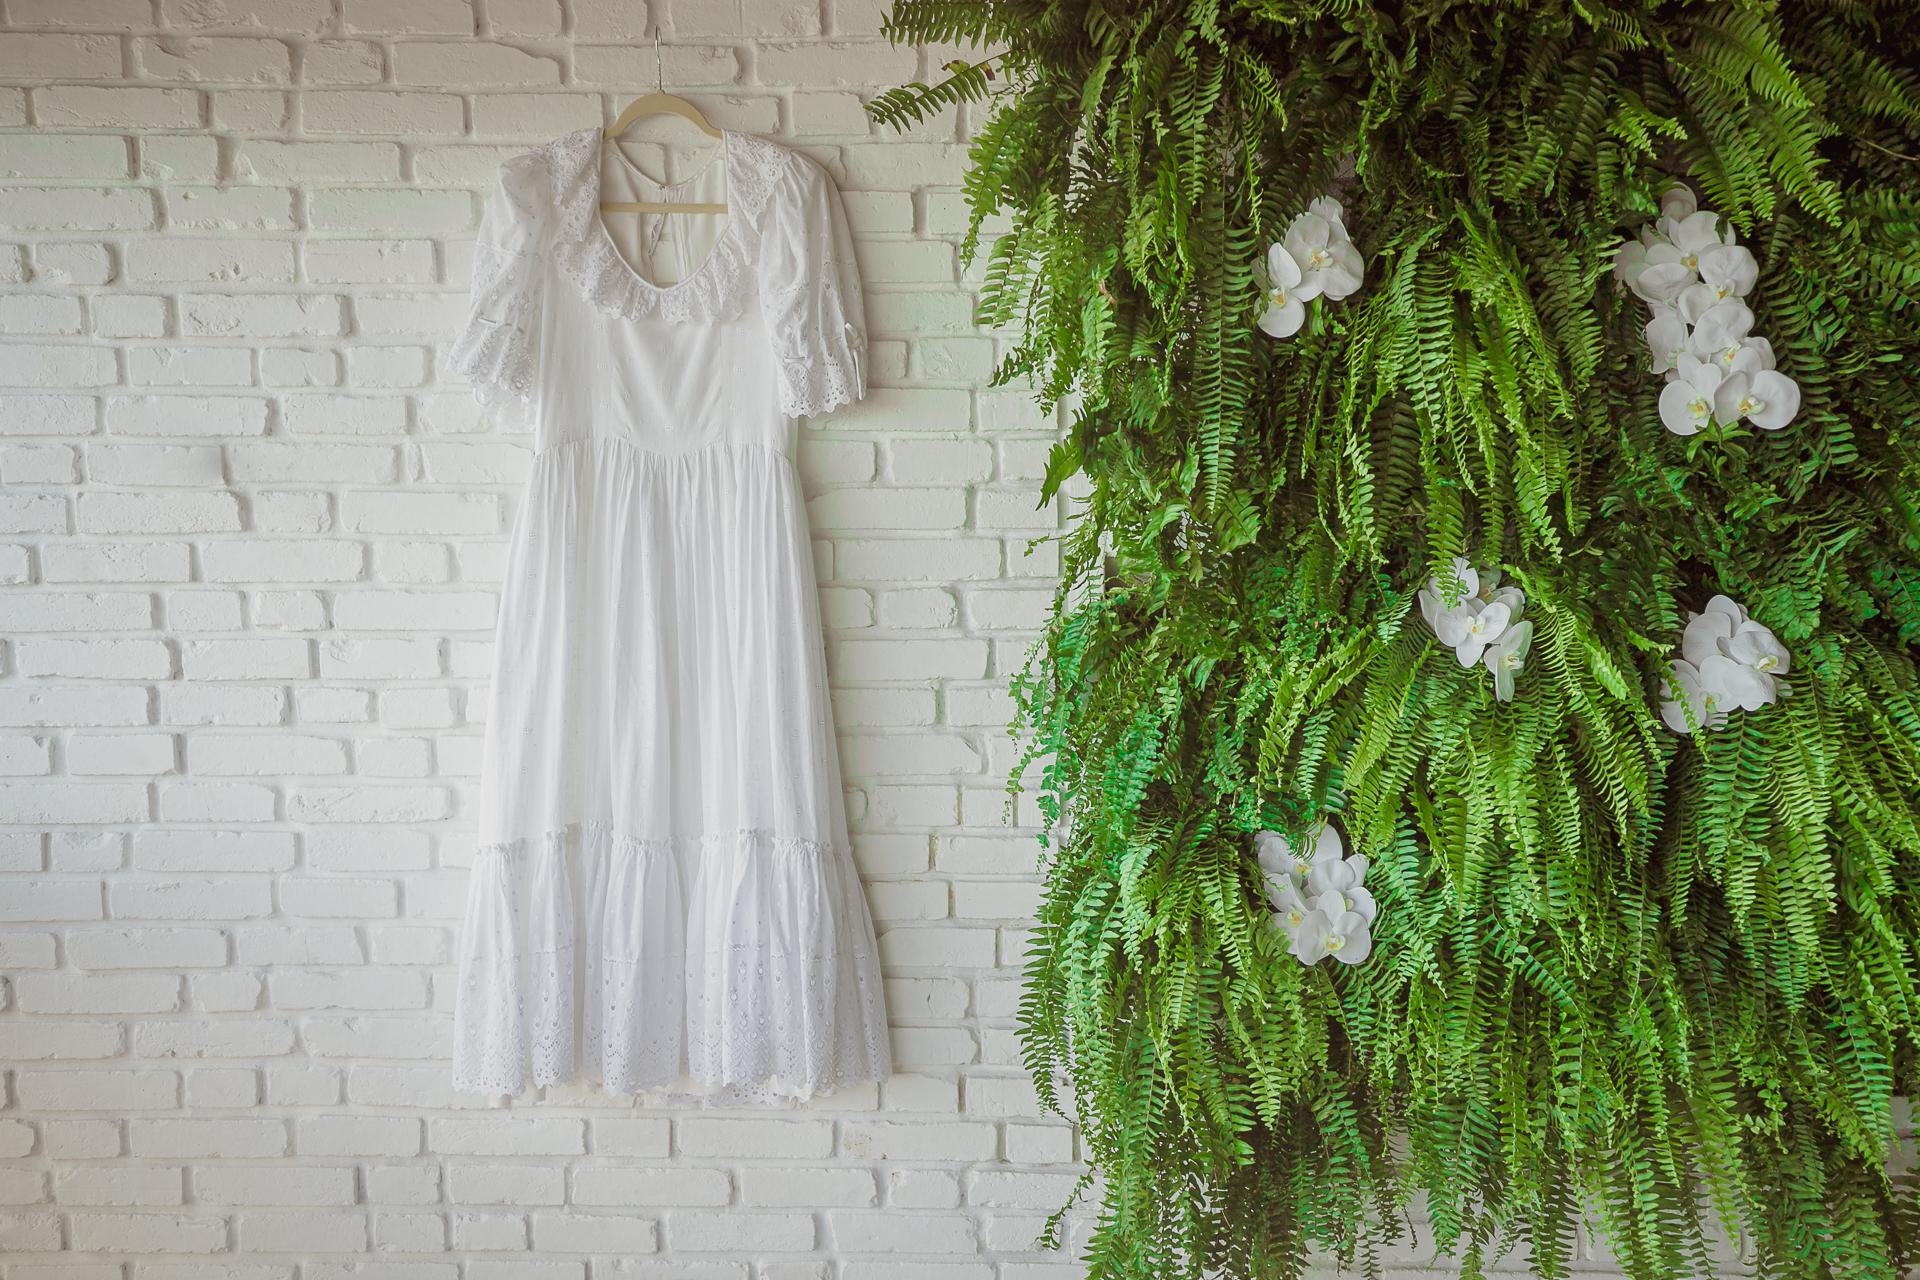 Maceio, Alagoas, Brésil Image de détail de robe de mariée | La robe de la mariée est accrochée à un mur